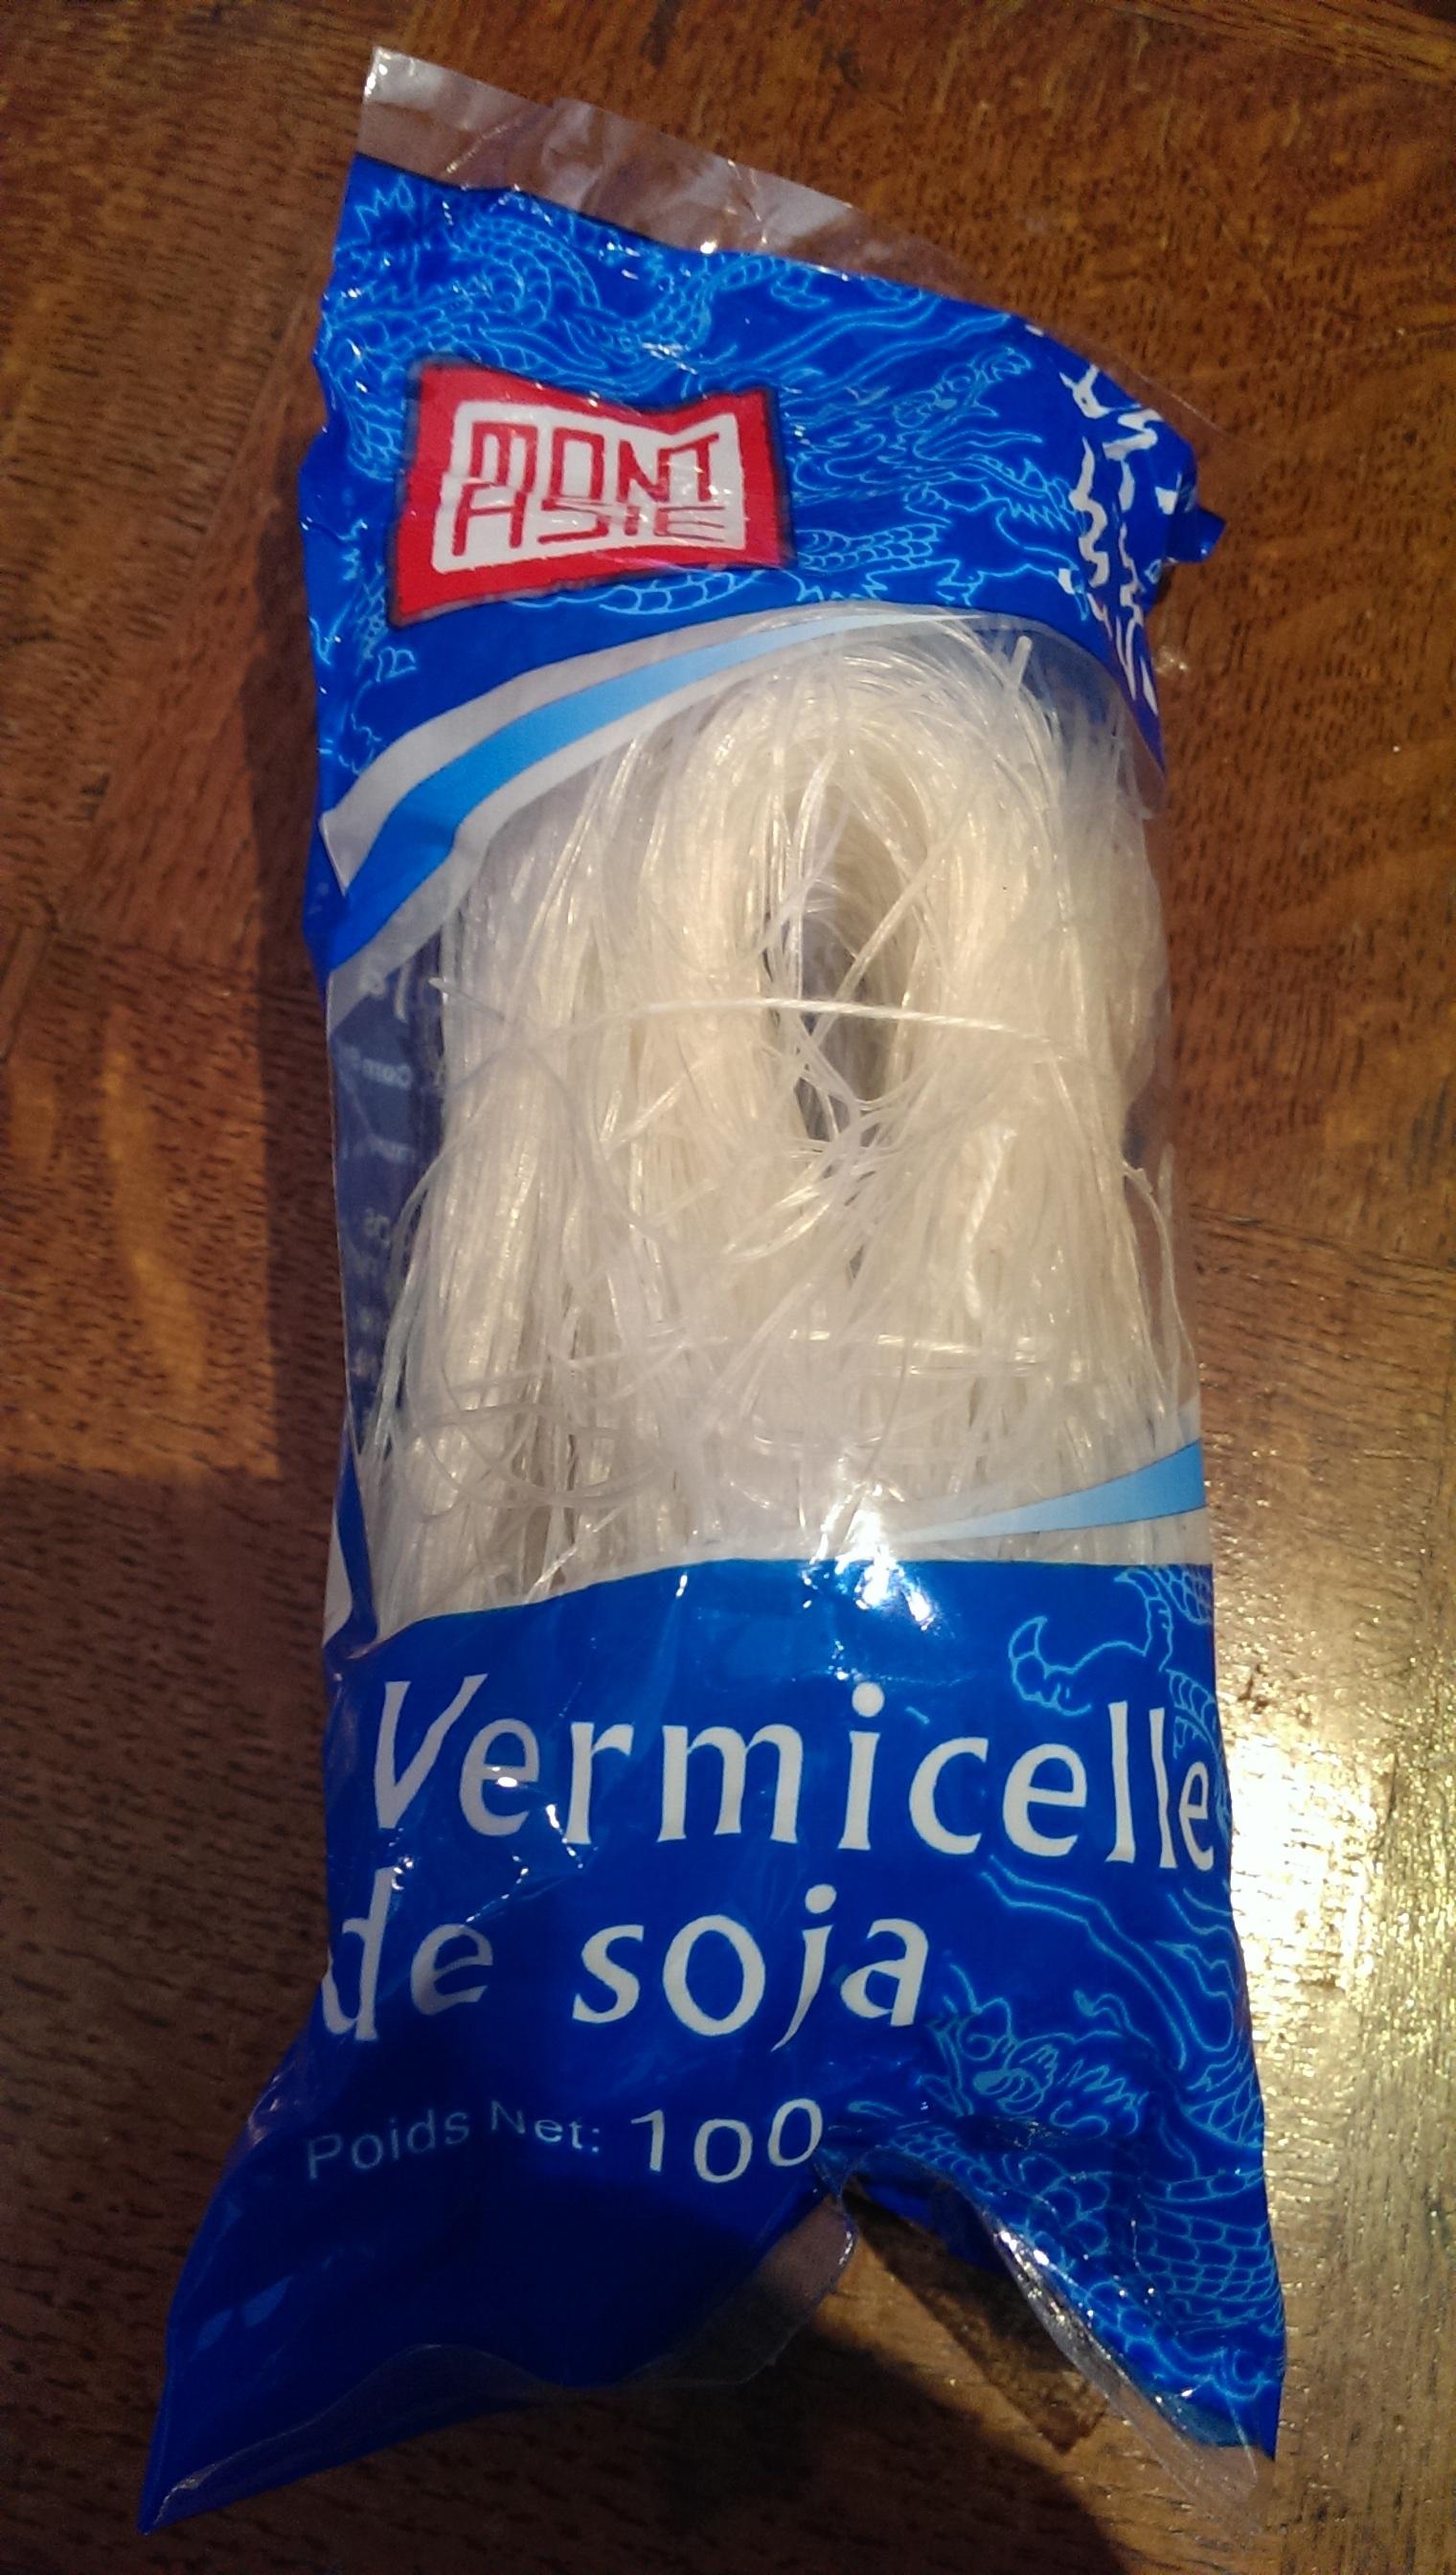 Vermicelle de soja - Product - fr